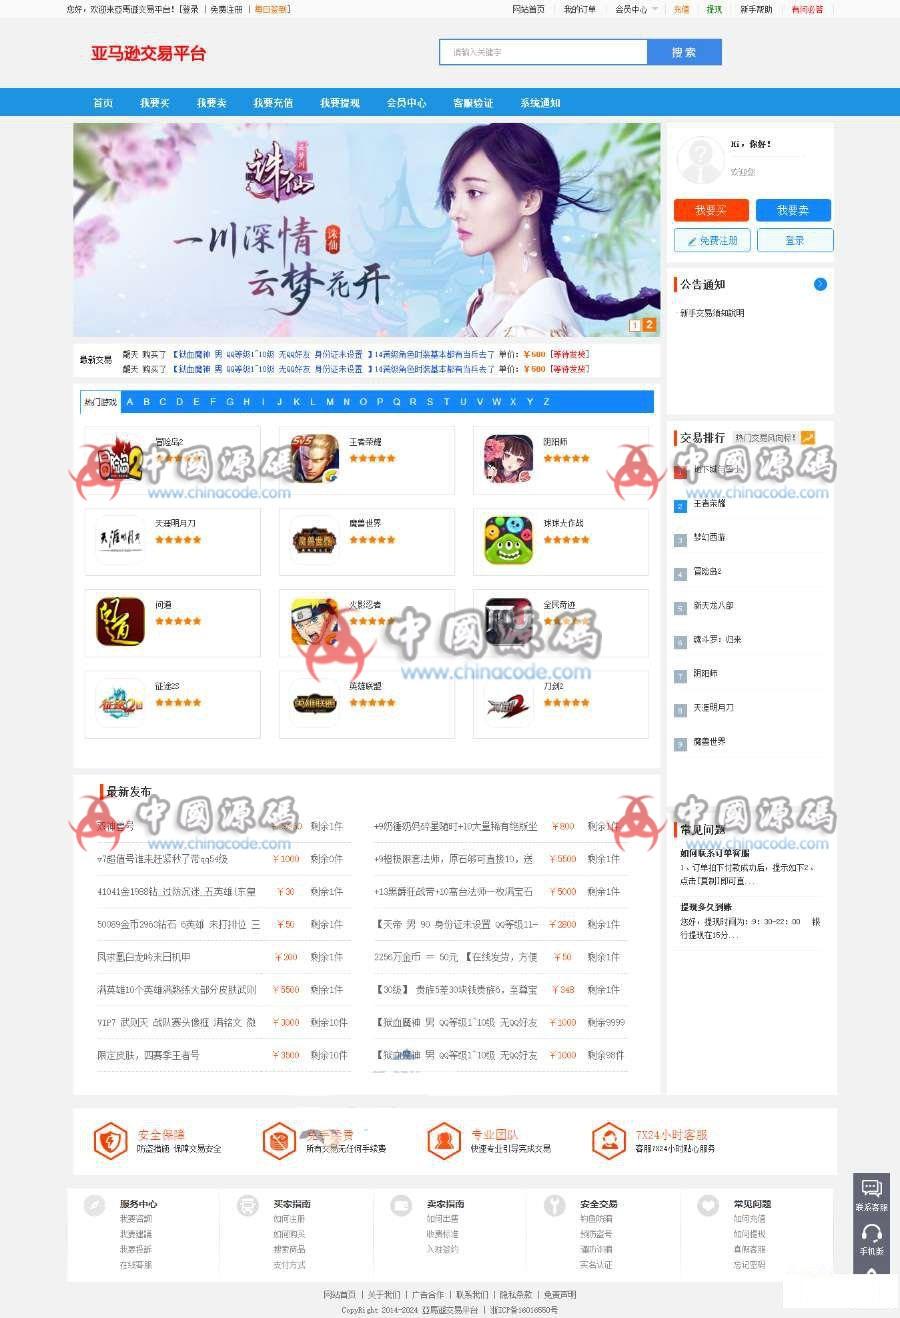 手游游戏账号交易平台友价商城源码+七套模板自由切换+安装教程 网站-第1张